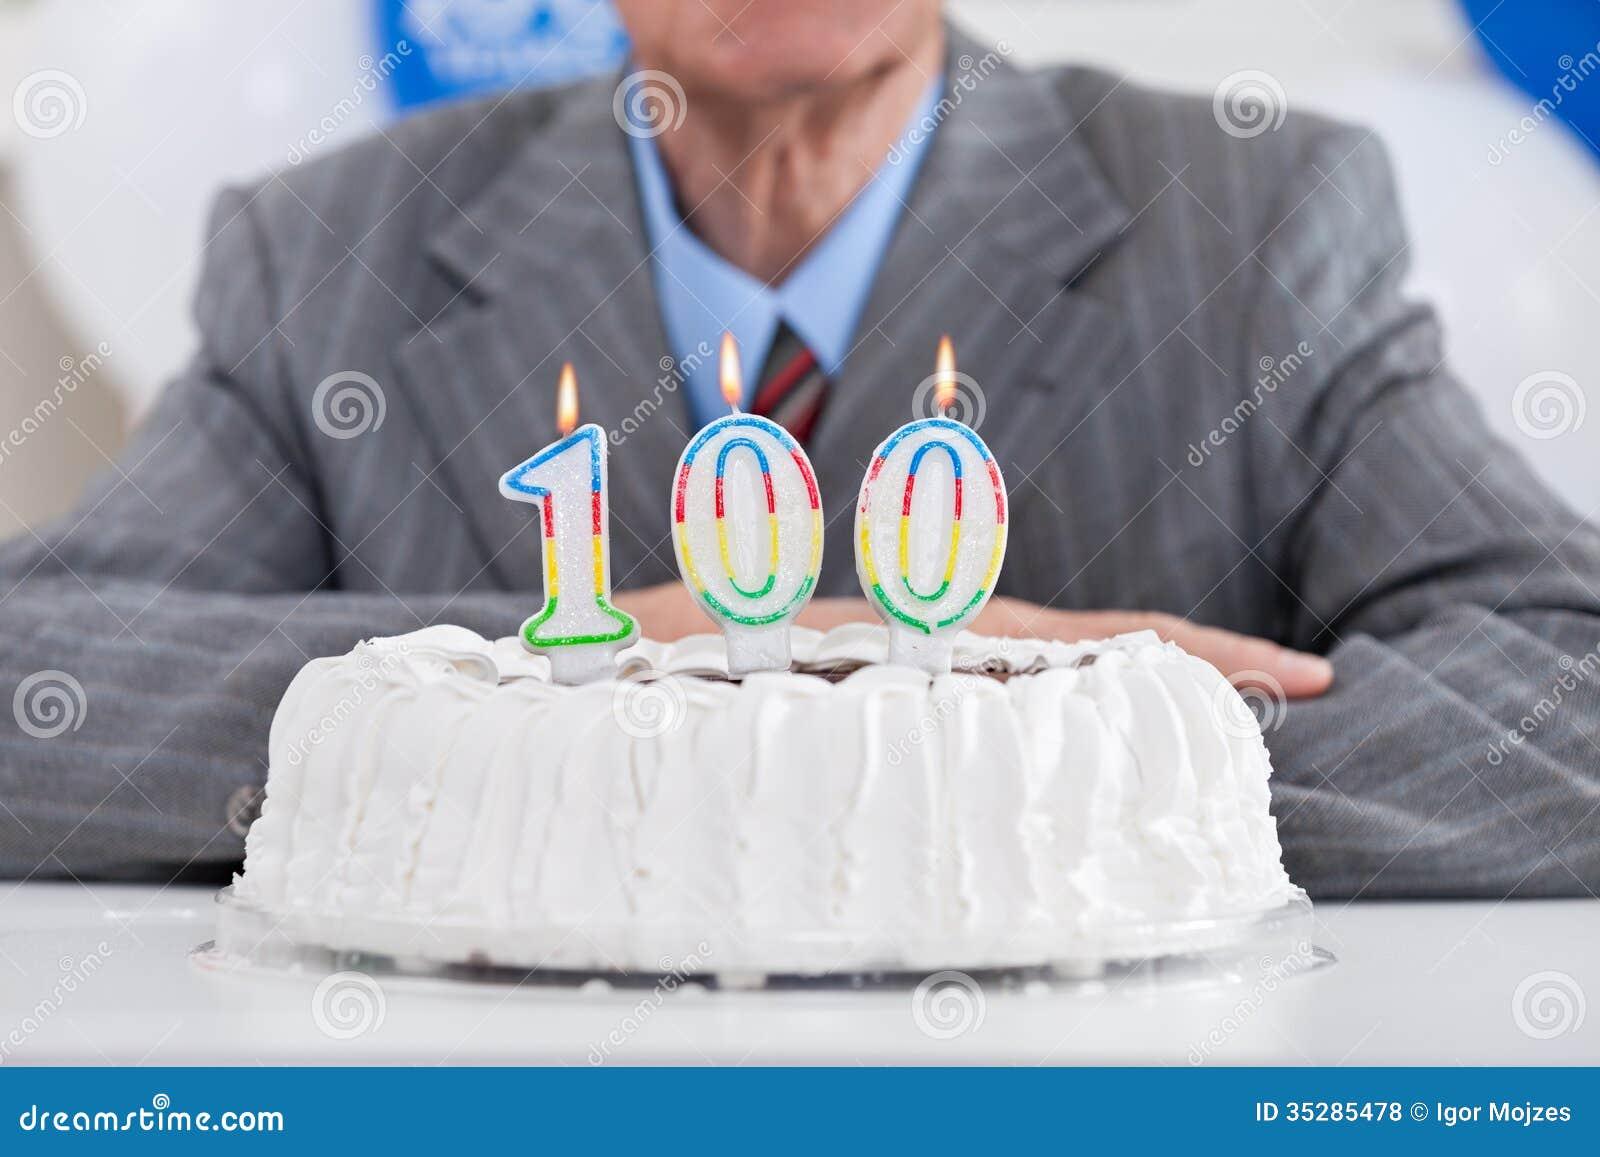 Hundra födelsedag